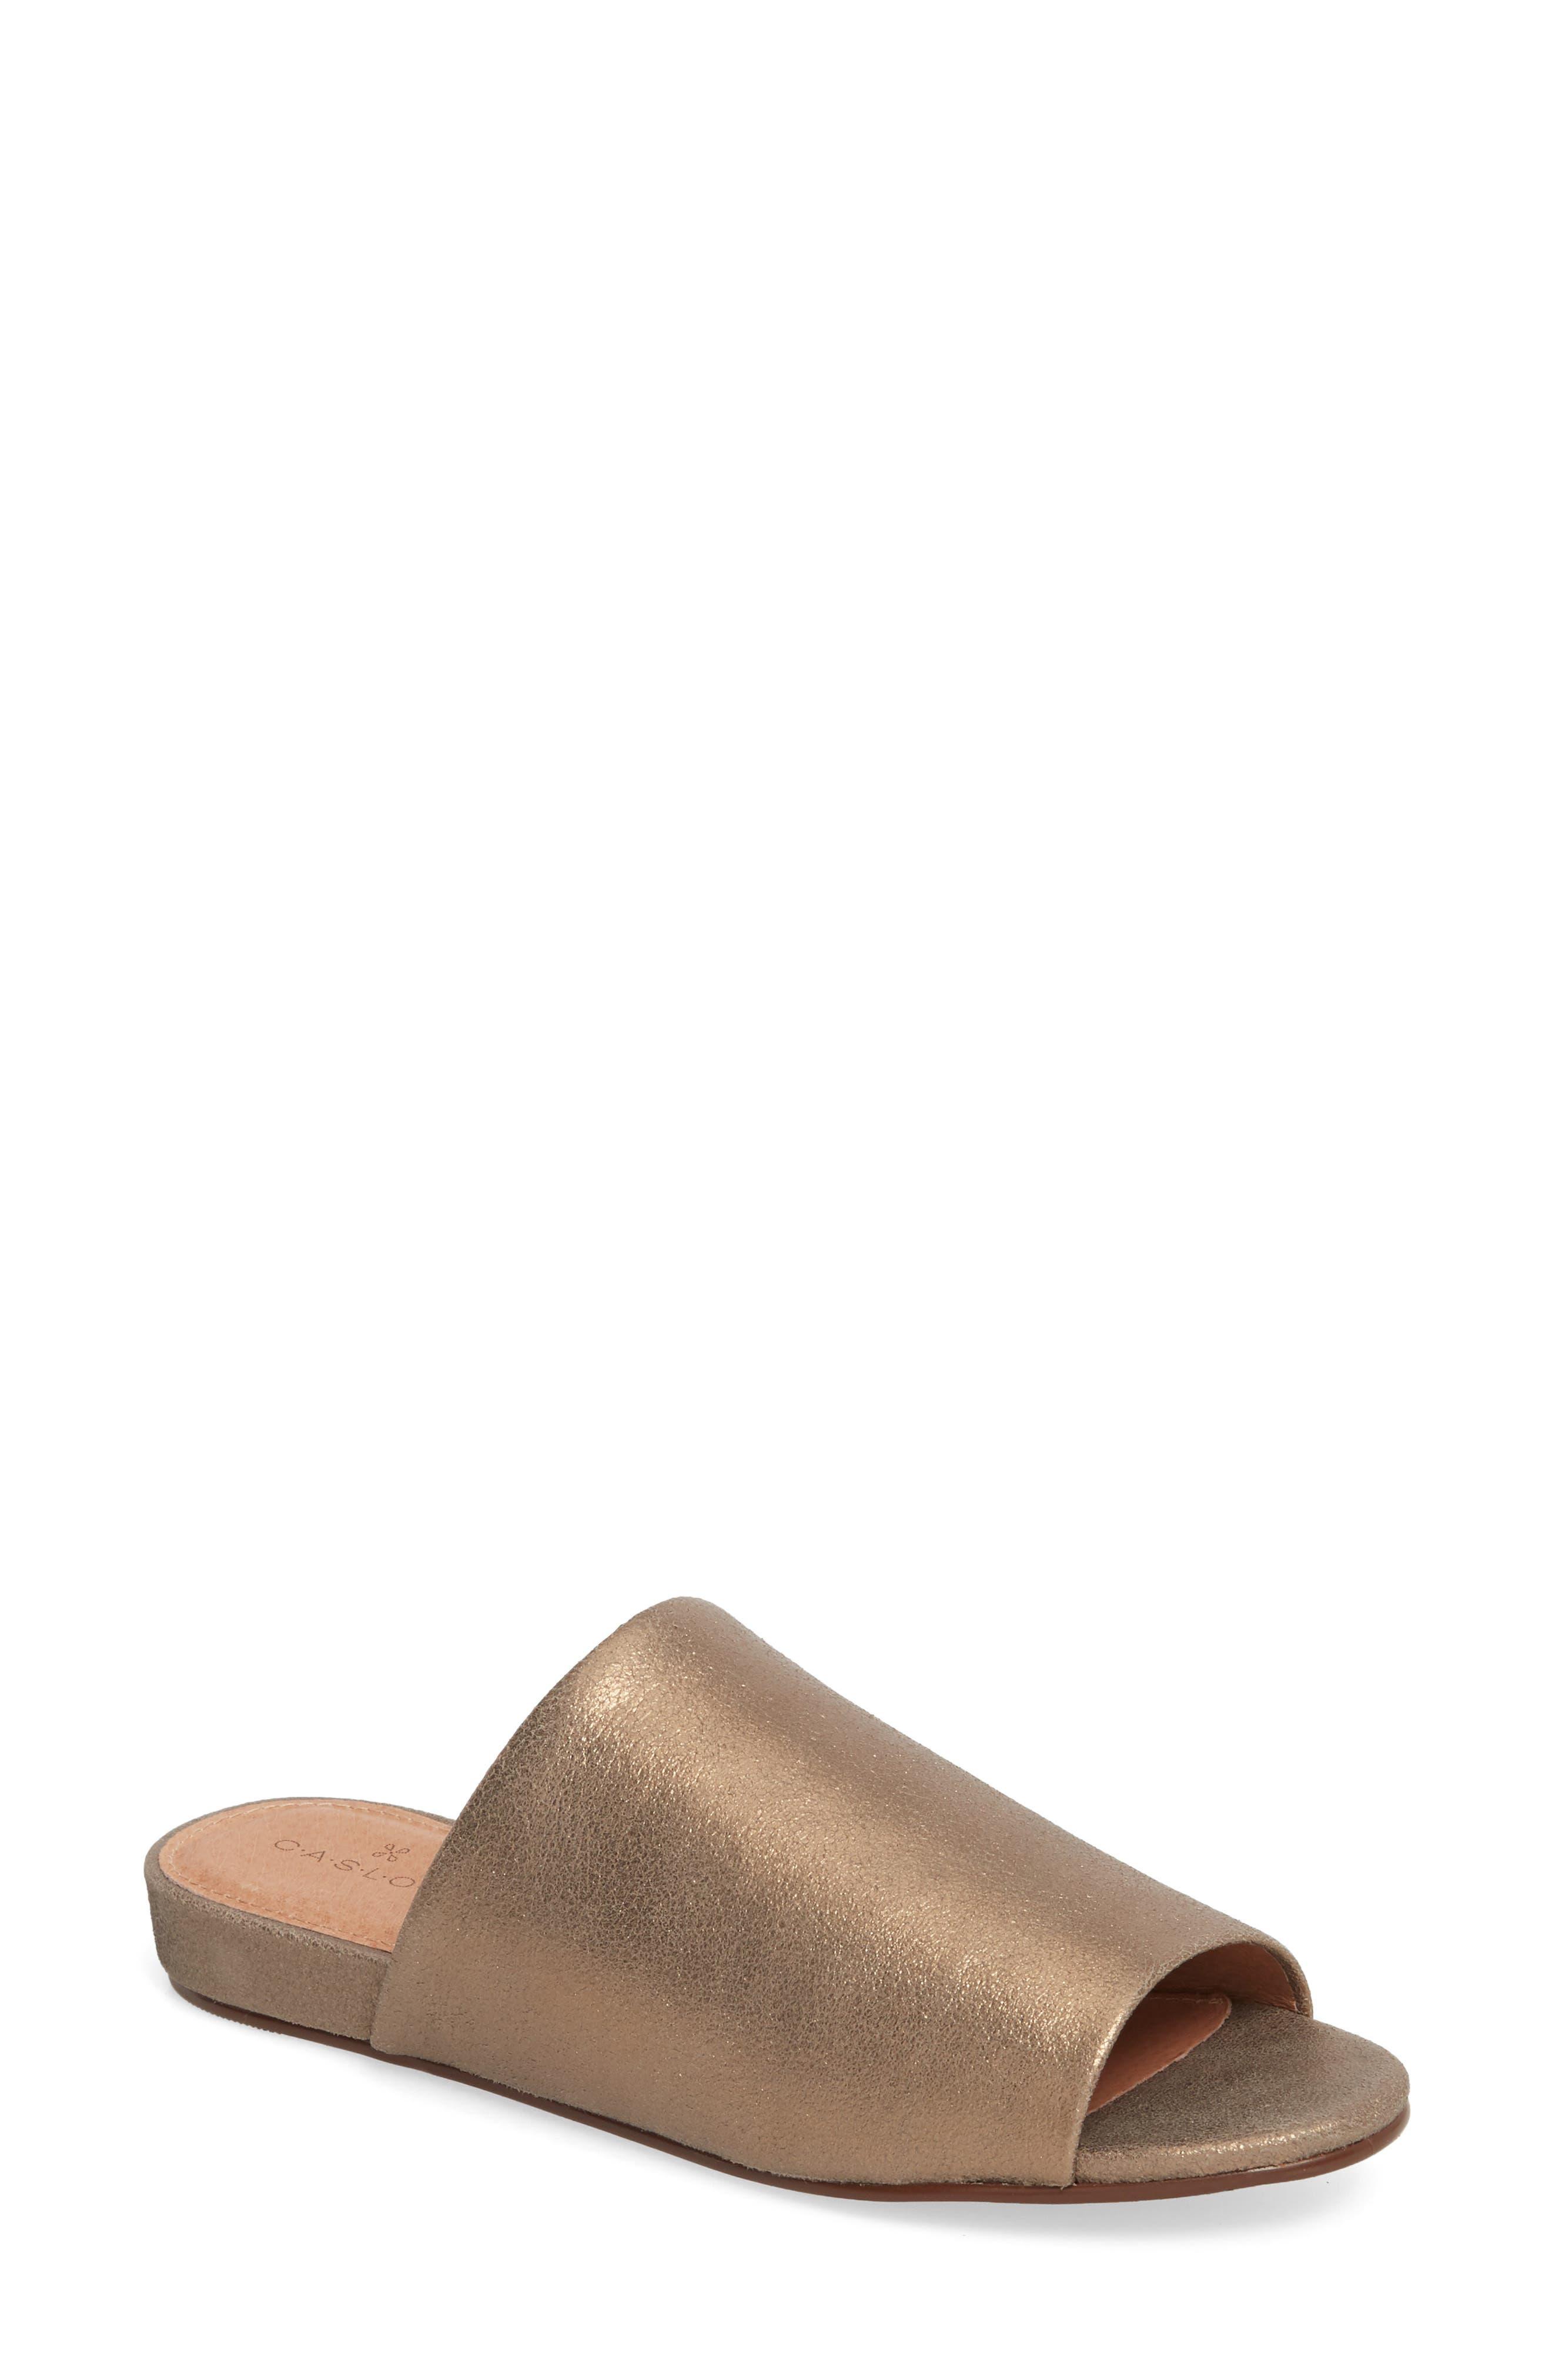 Alternate Image 1 Selected - Caslon® Kiana Slide Sandal (Women)